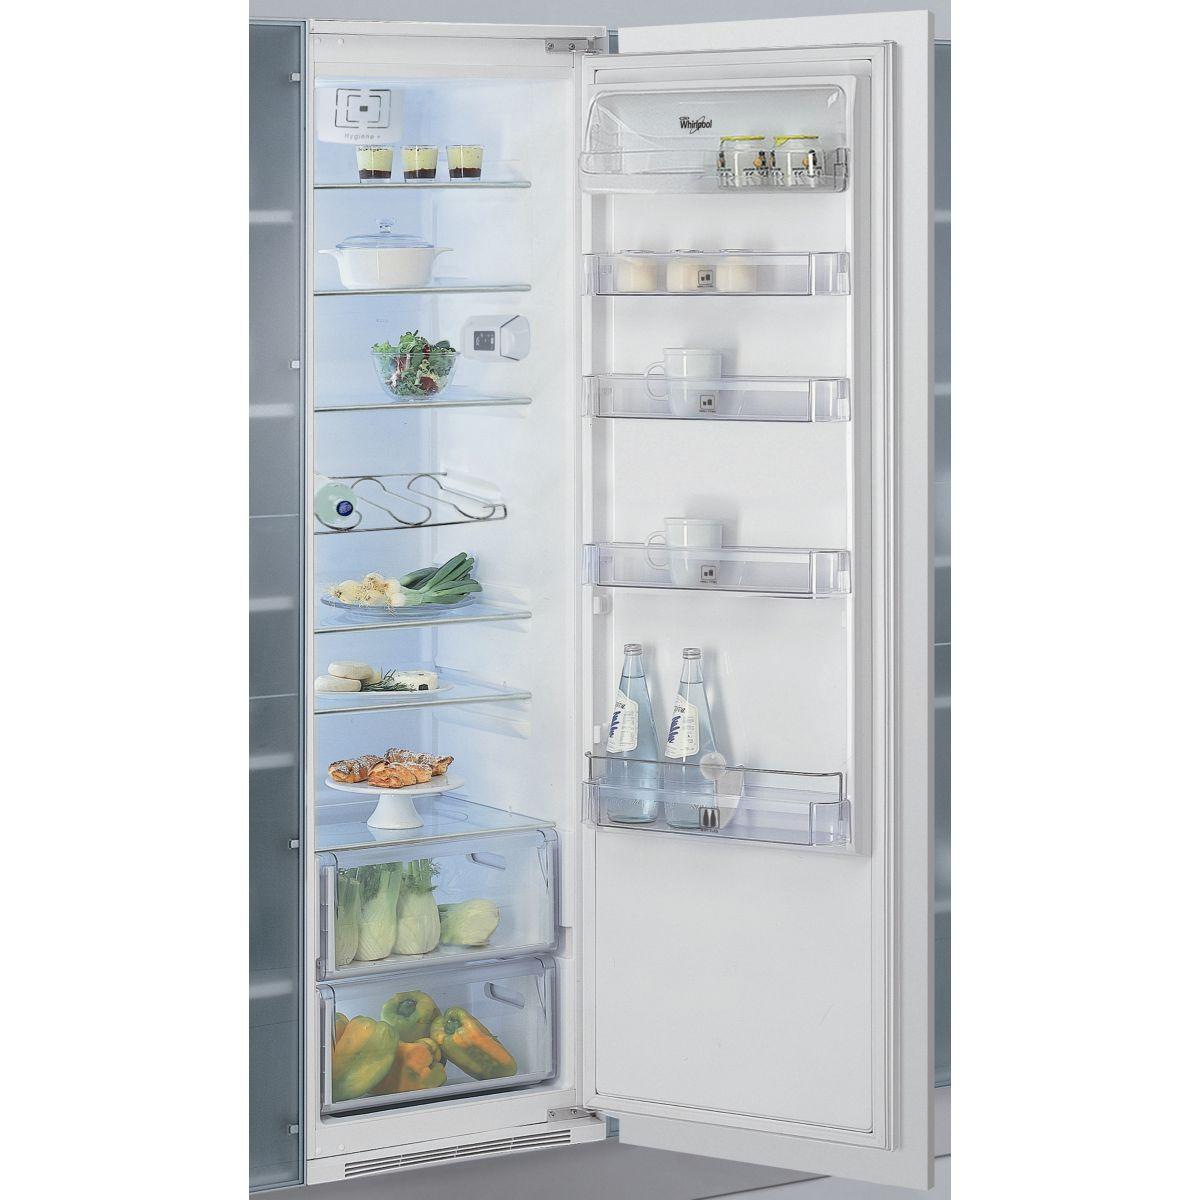 Réfrigérateur Intégrable Porte ARZA Whirlpool Webdistribcom - Refrigerateur encastrable 1 porte